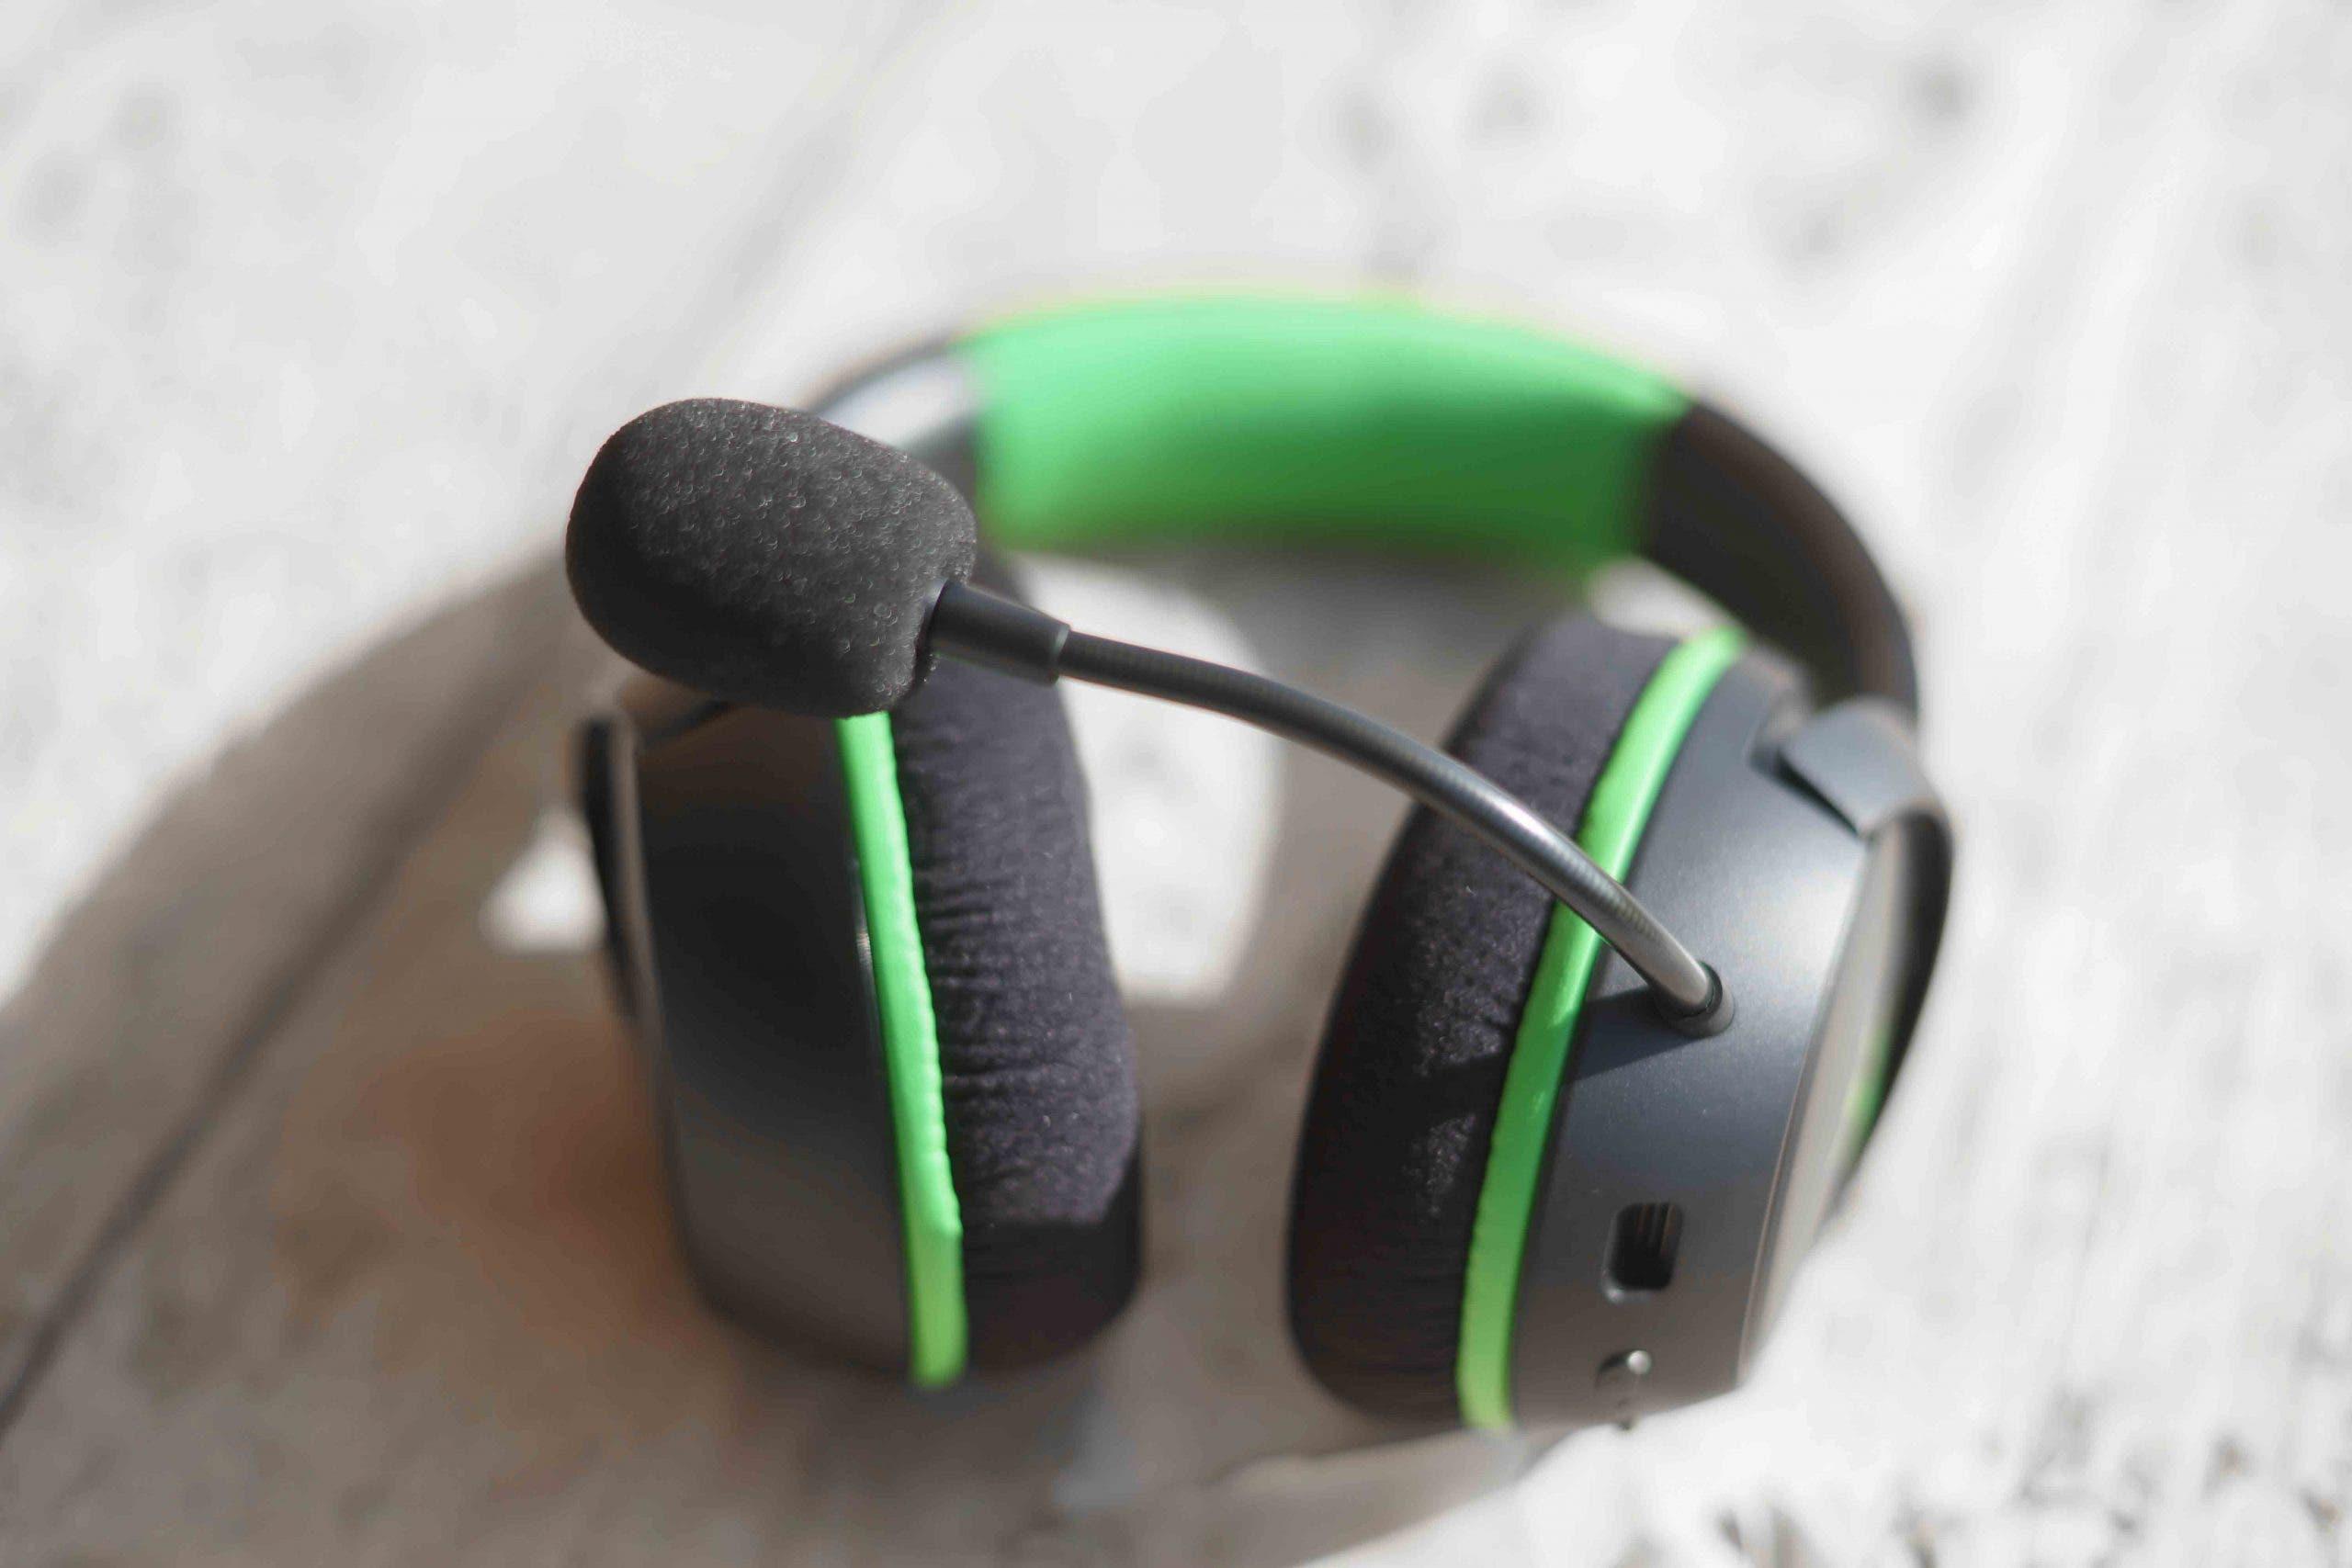 Análisis de los auriculares Razer Kaira 2